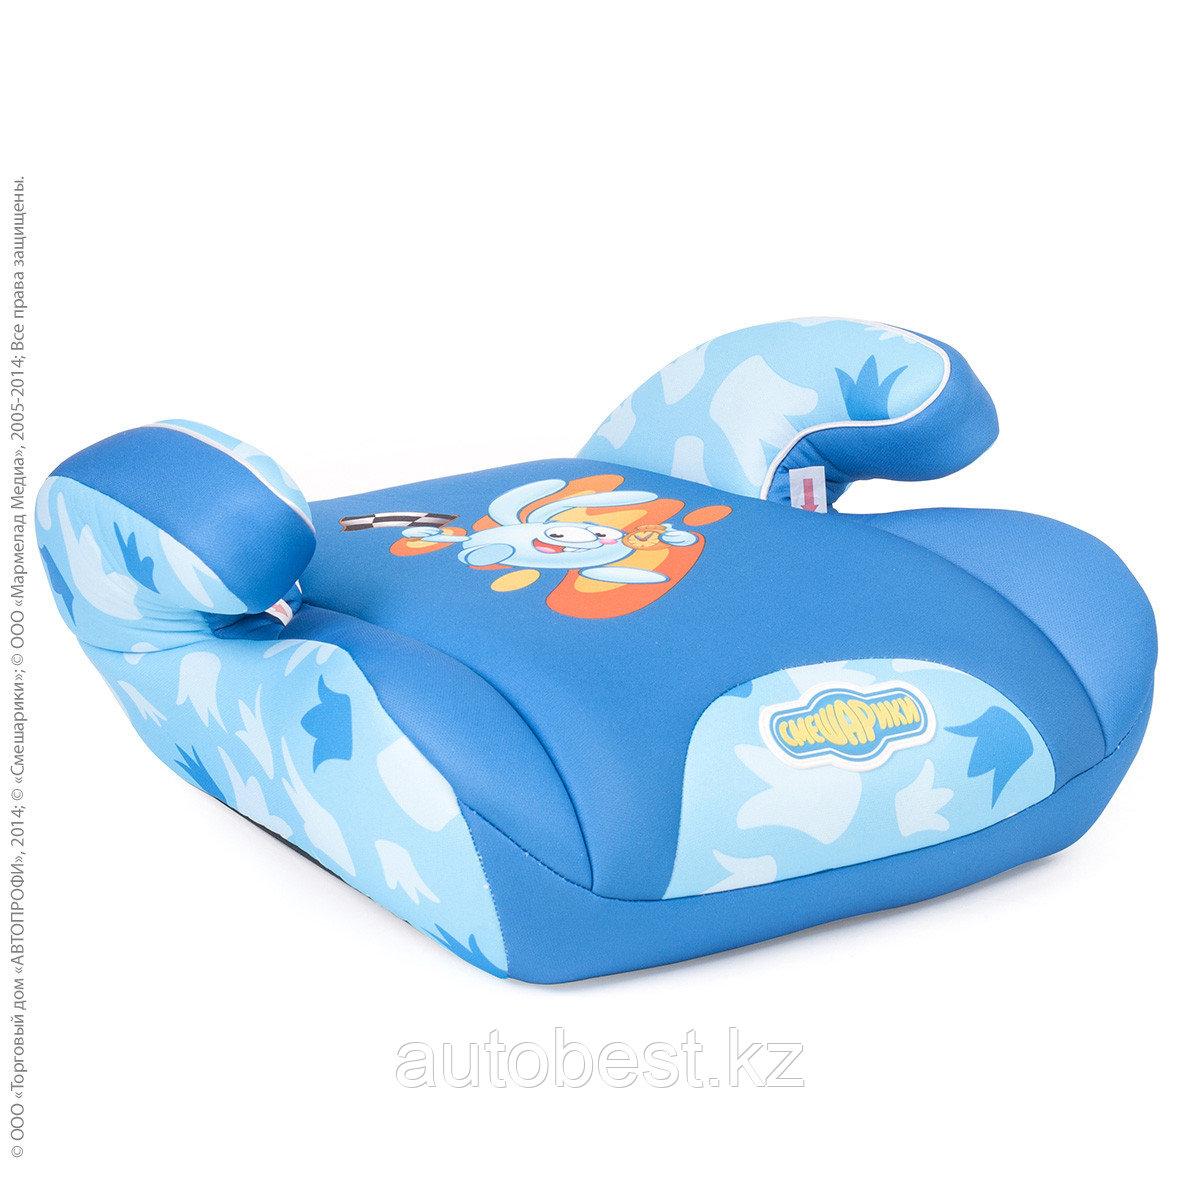 Детское кресло «Смешарики», группы 0+/1 (0-18 кг/0-4 года), полиэстер, поролон 3 см, черн./тем. серый с Пином,1/2